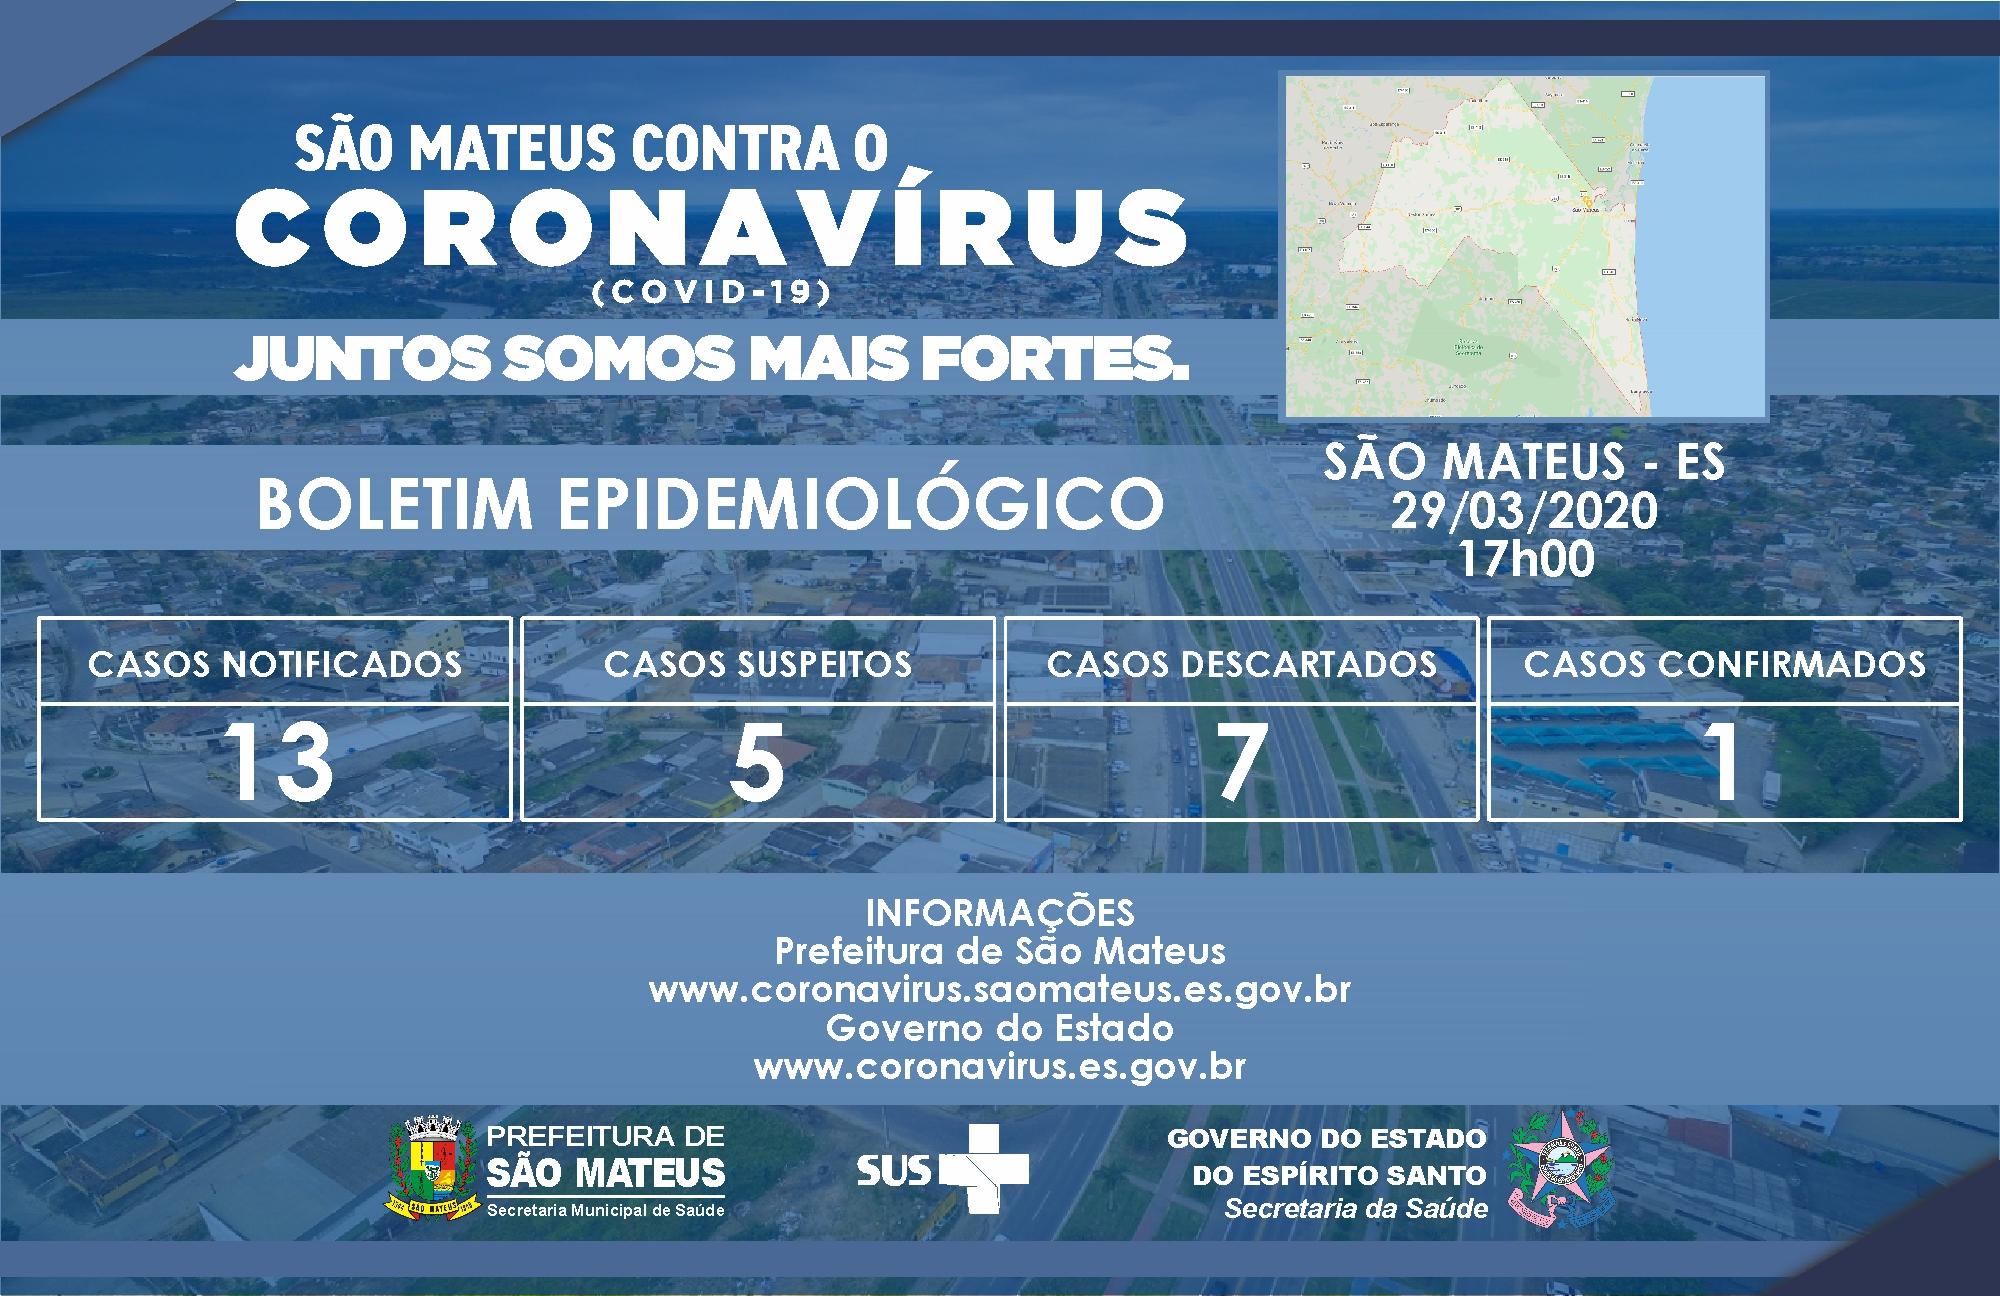 CONFIRMADO PRIMEIRO CASO DE CONTAMINAÇÃO POR CORONAVÍRUS EM SÃO MATEUS